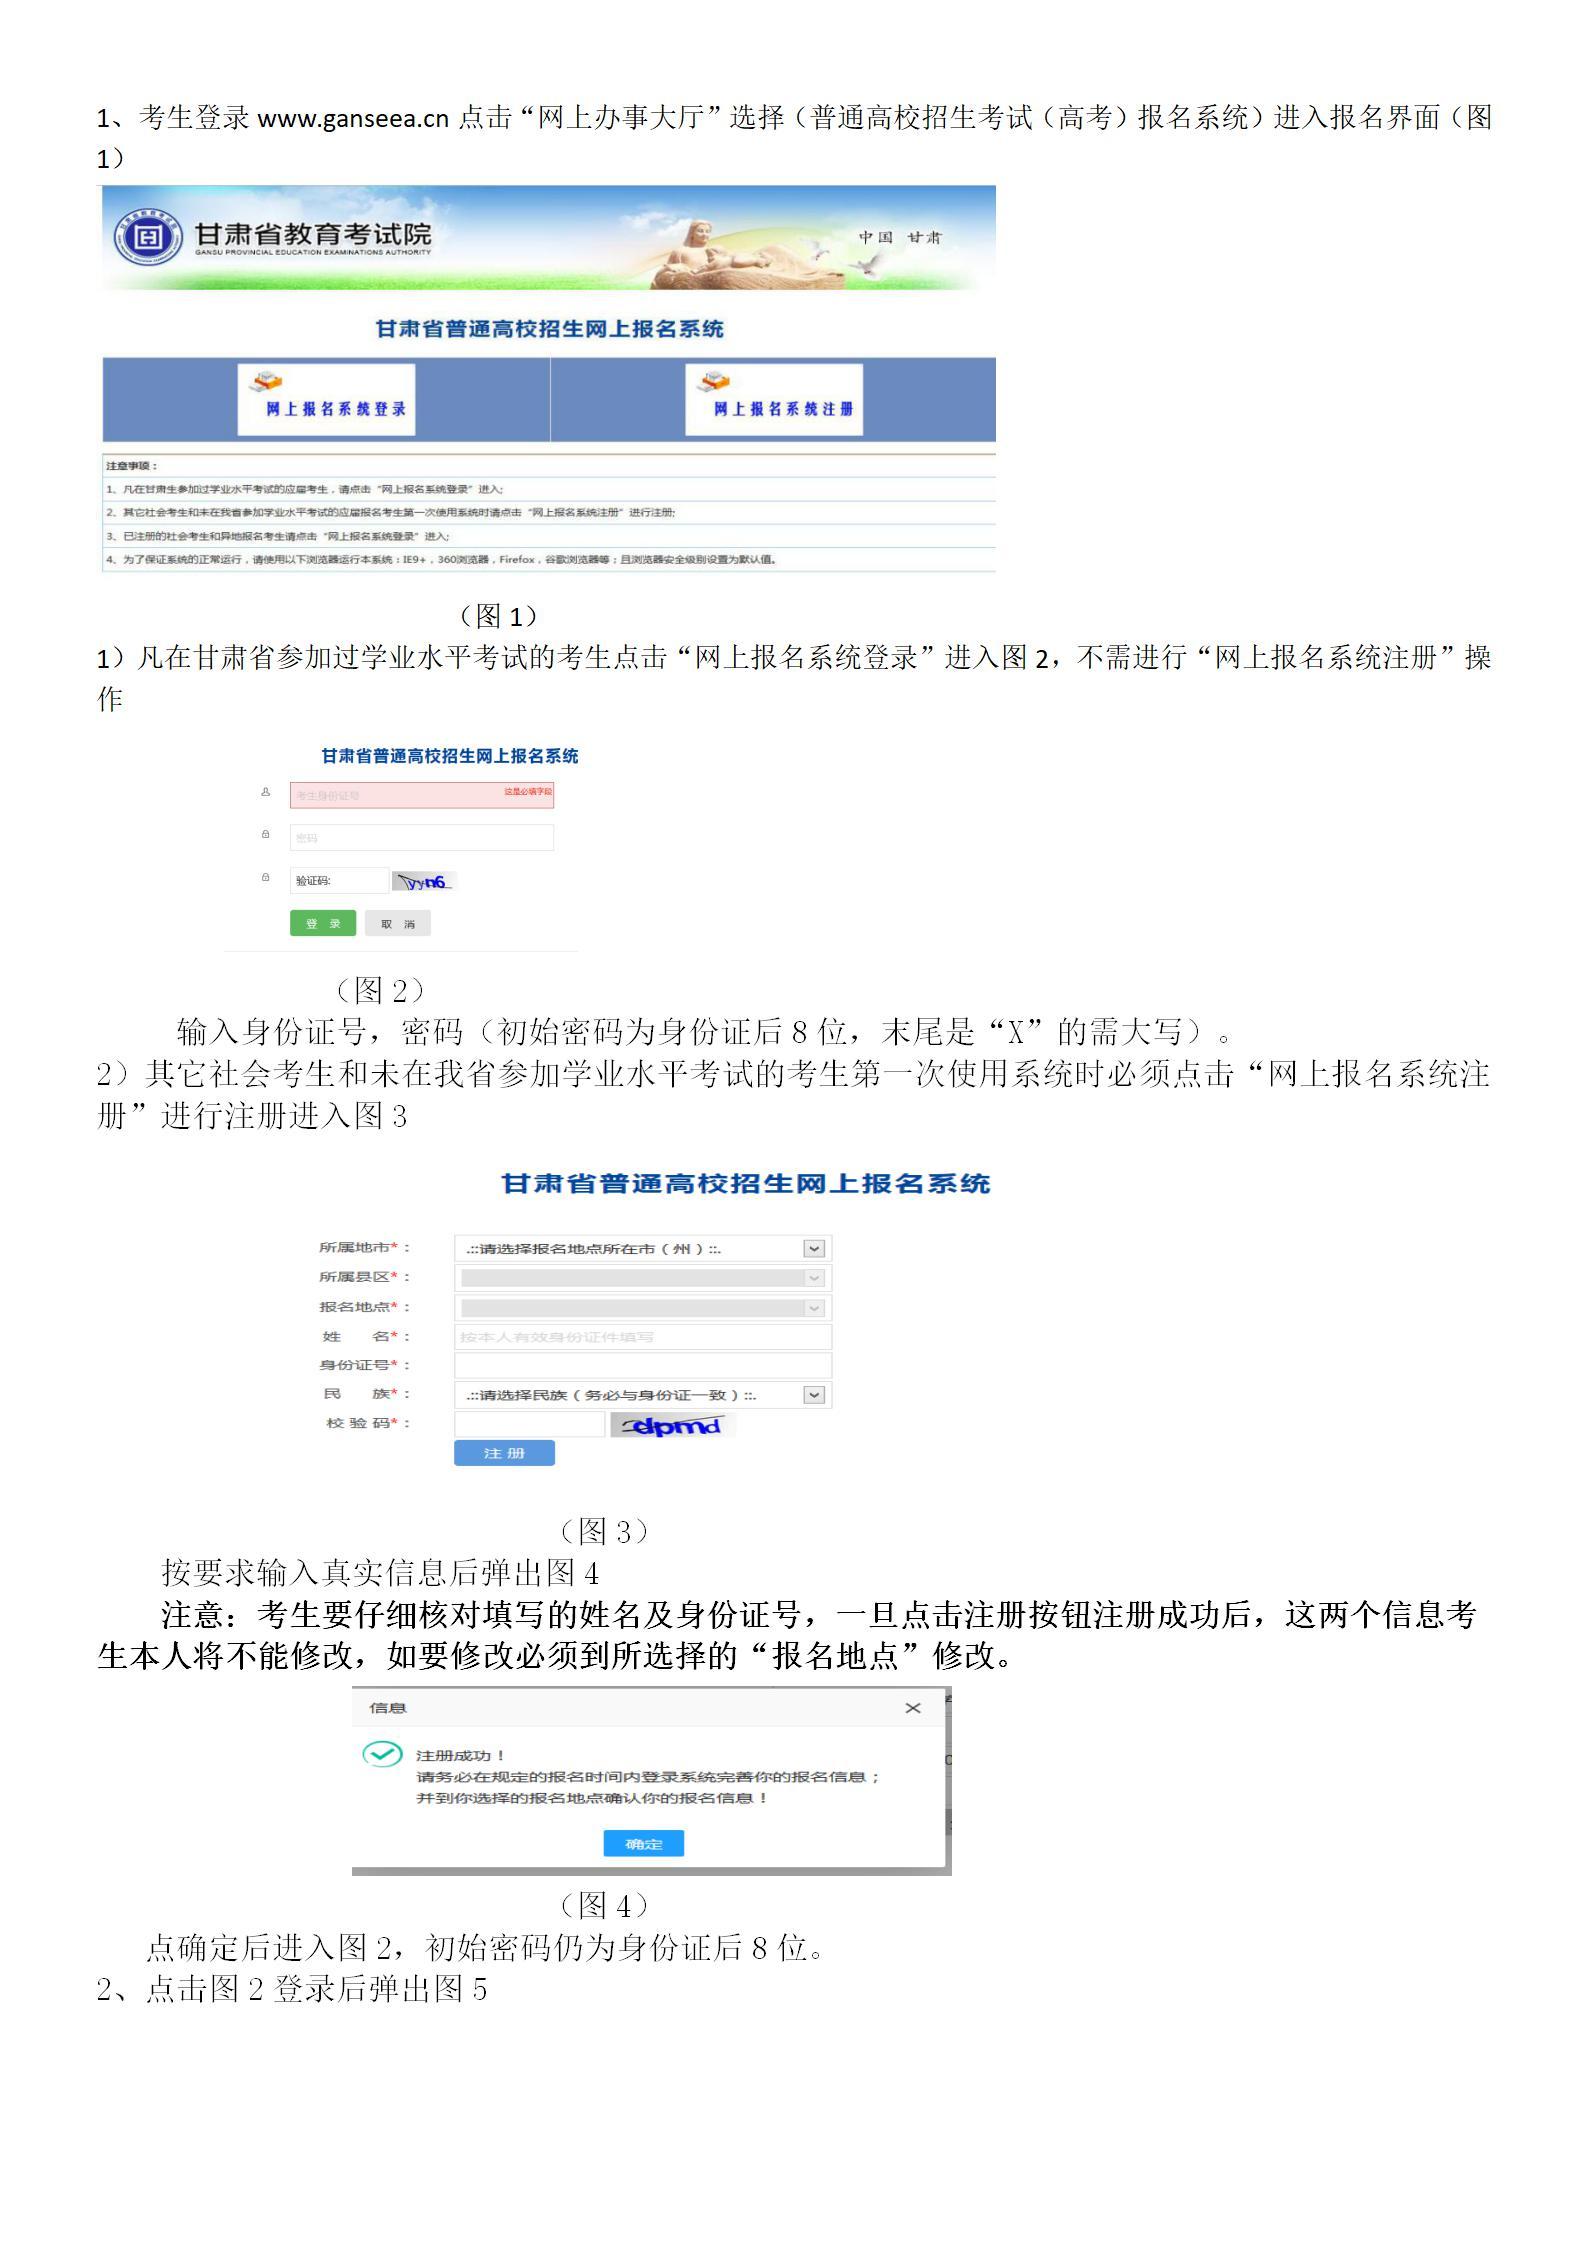 2021甘肃高考招生网上报名系统考生报名流程图1